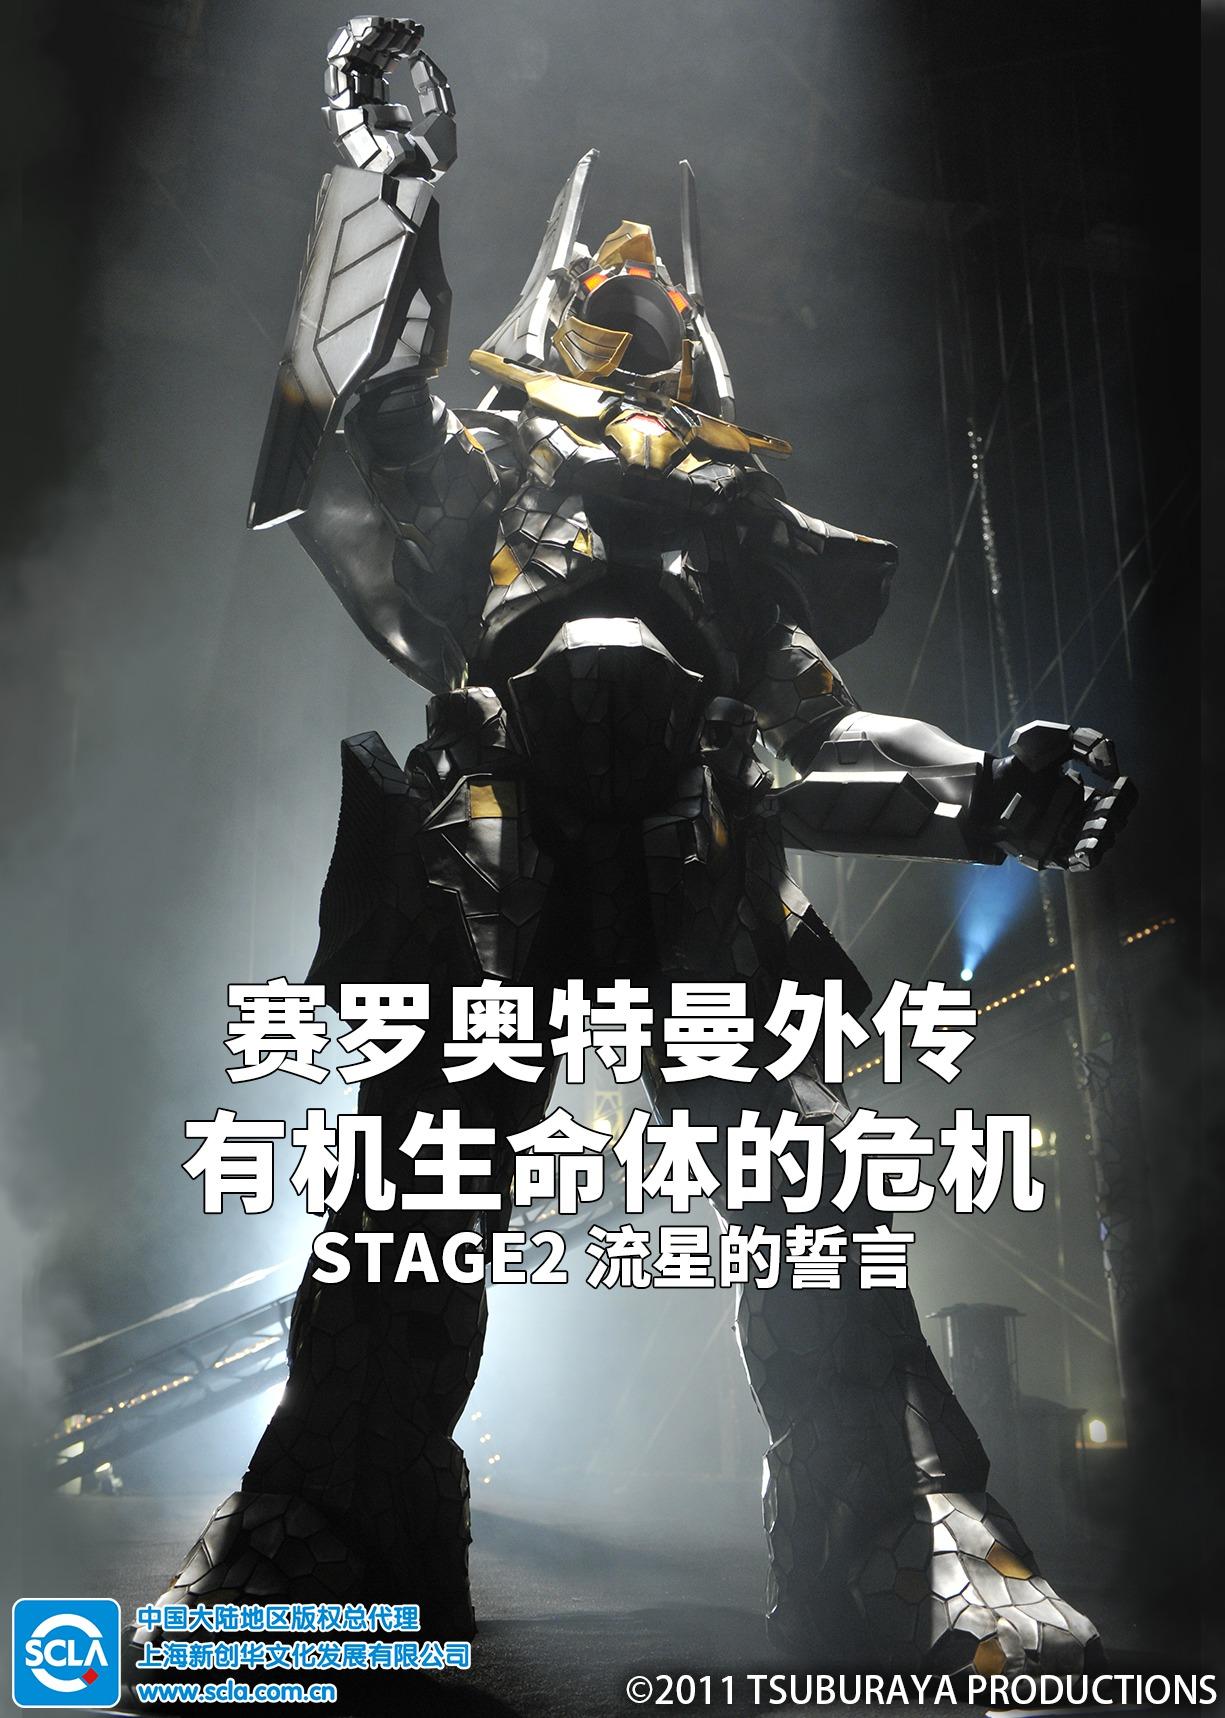 赛罗奥特曼外传有机生命体的危机:stage2流星的誓言普通话版海报剧照